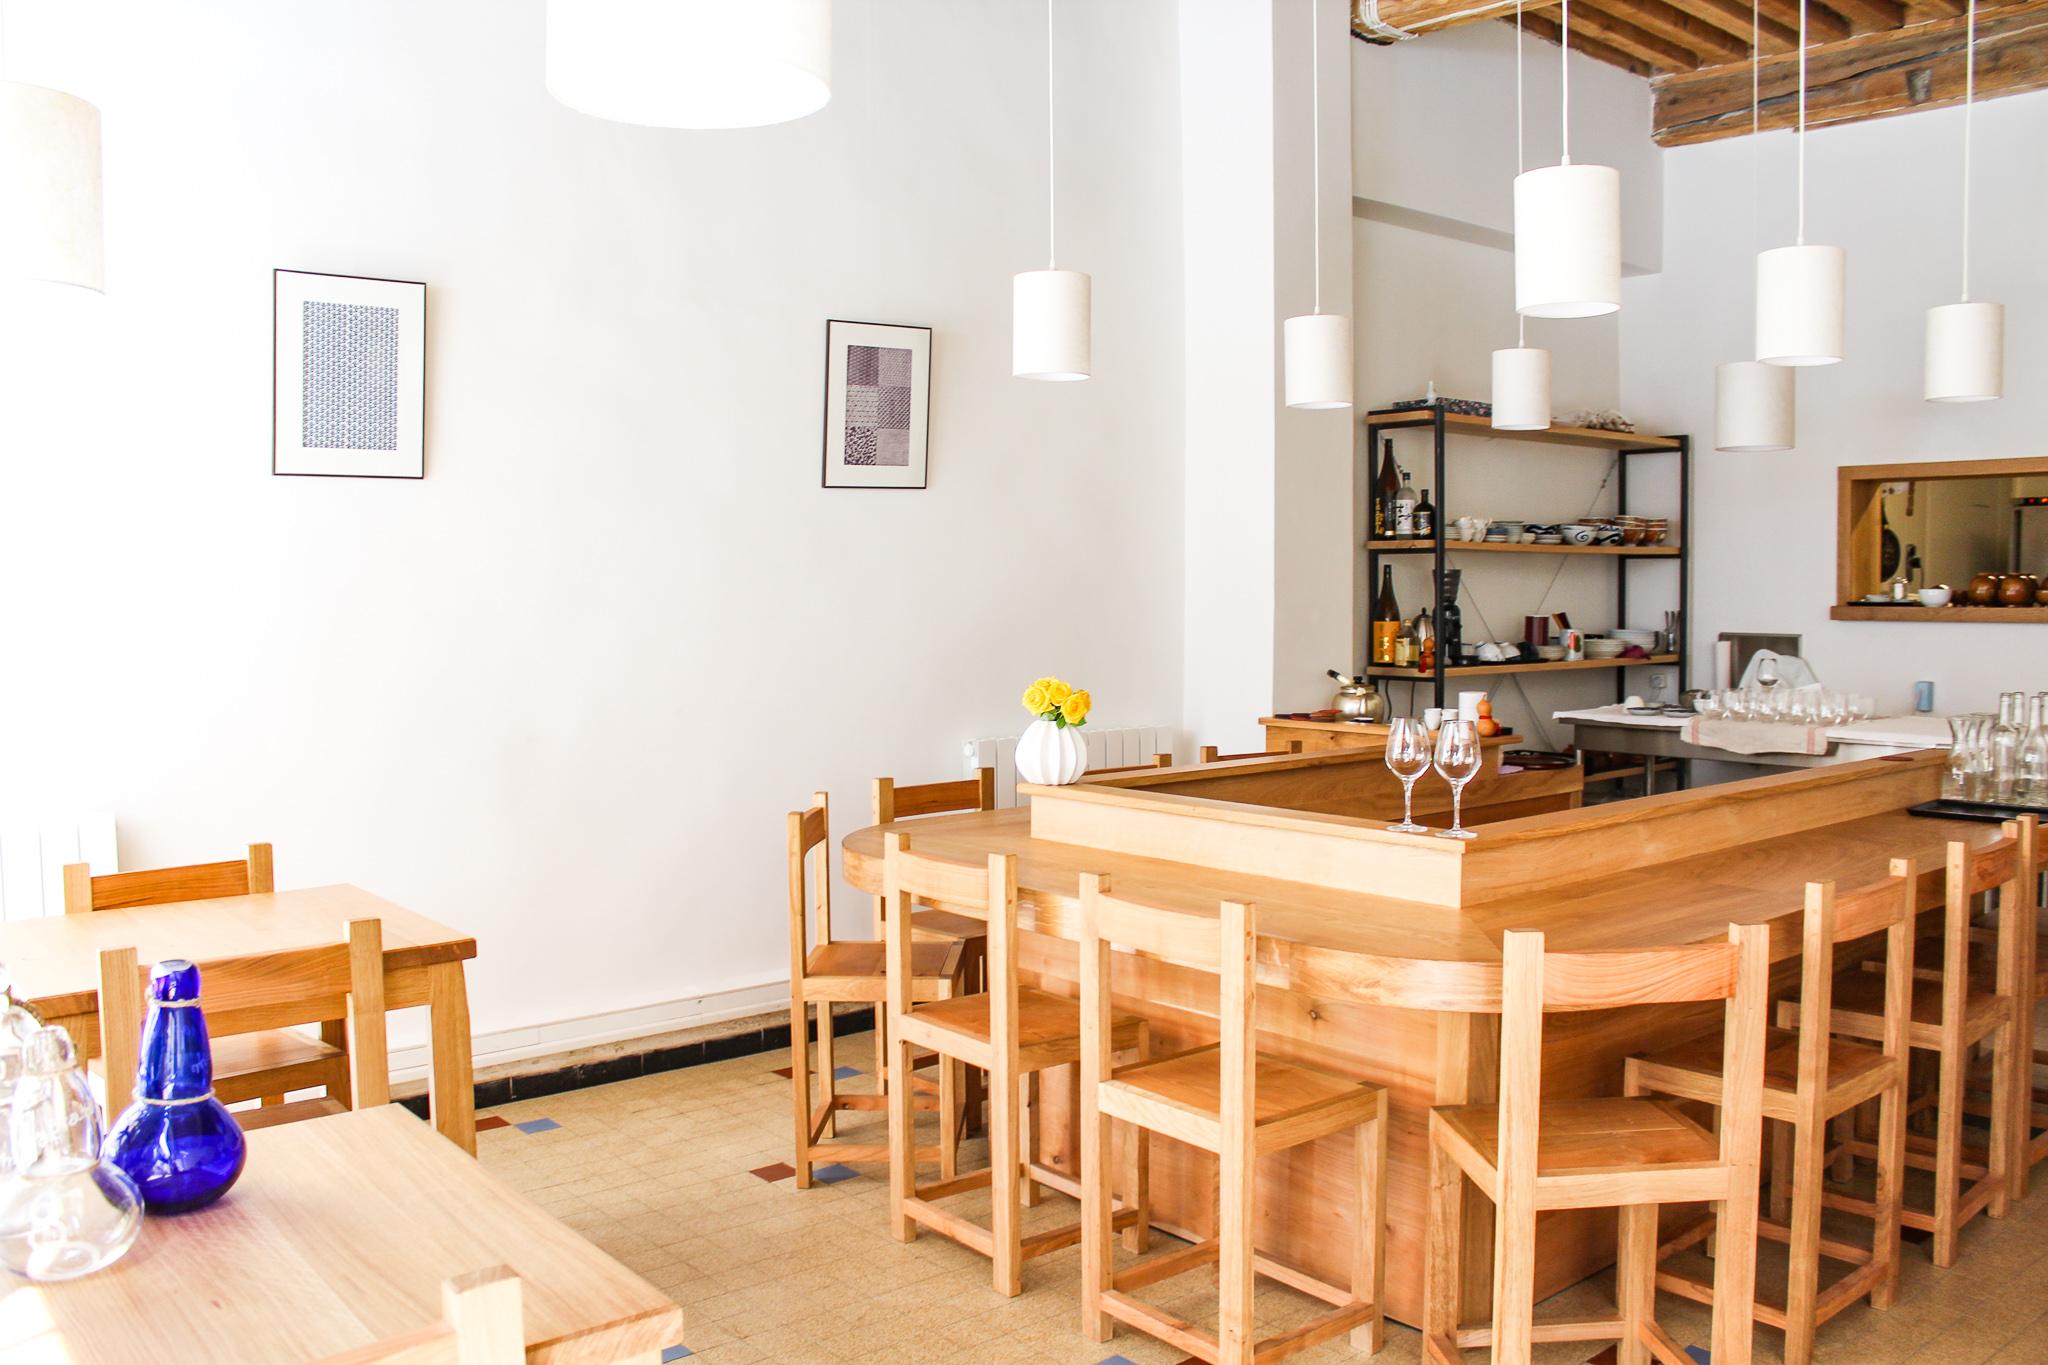 Table À Manger Japonaise et si on mangeait japonais? episode 5 : mise en bouche lyonnaise